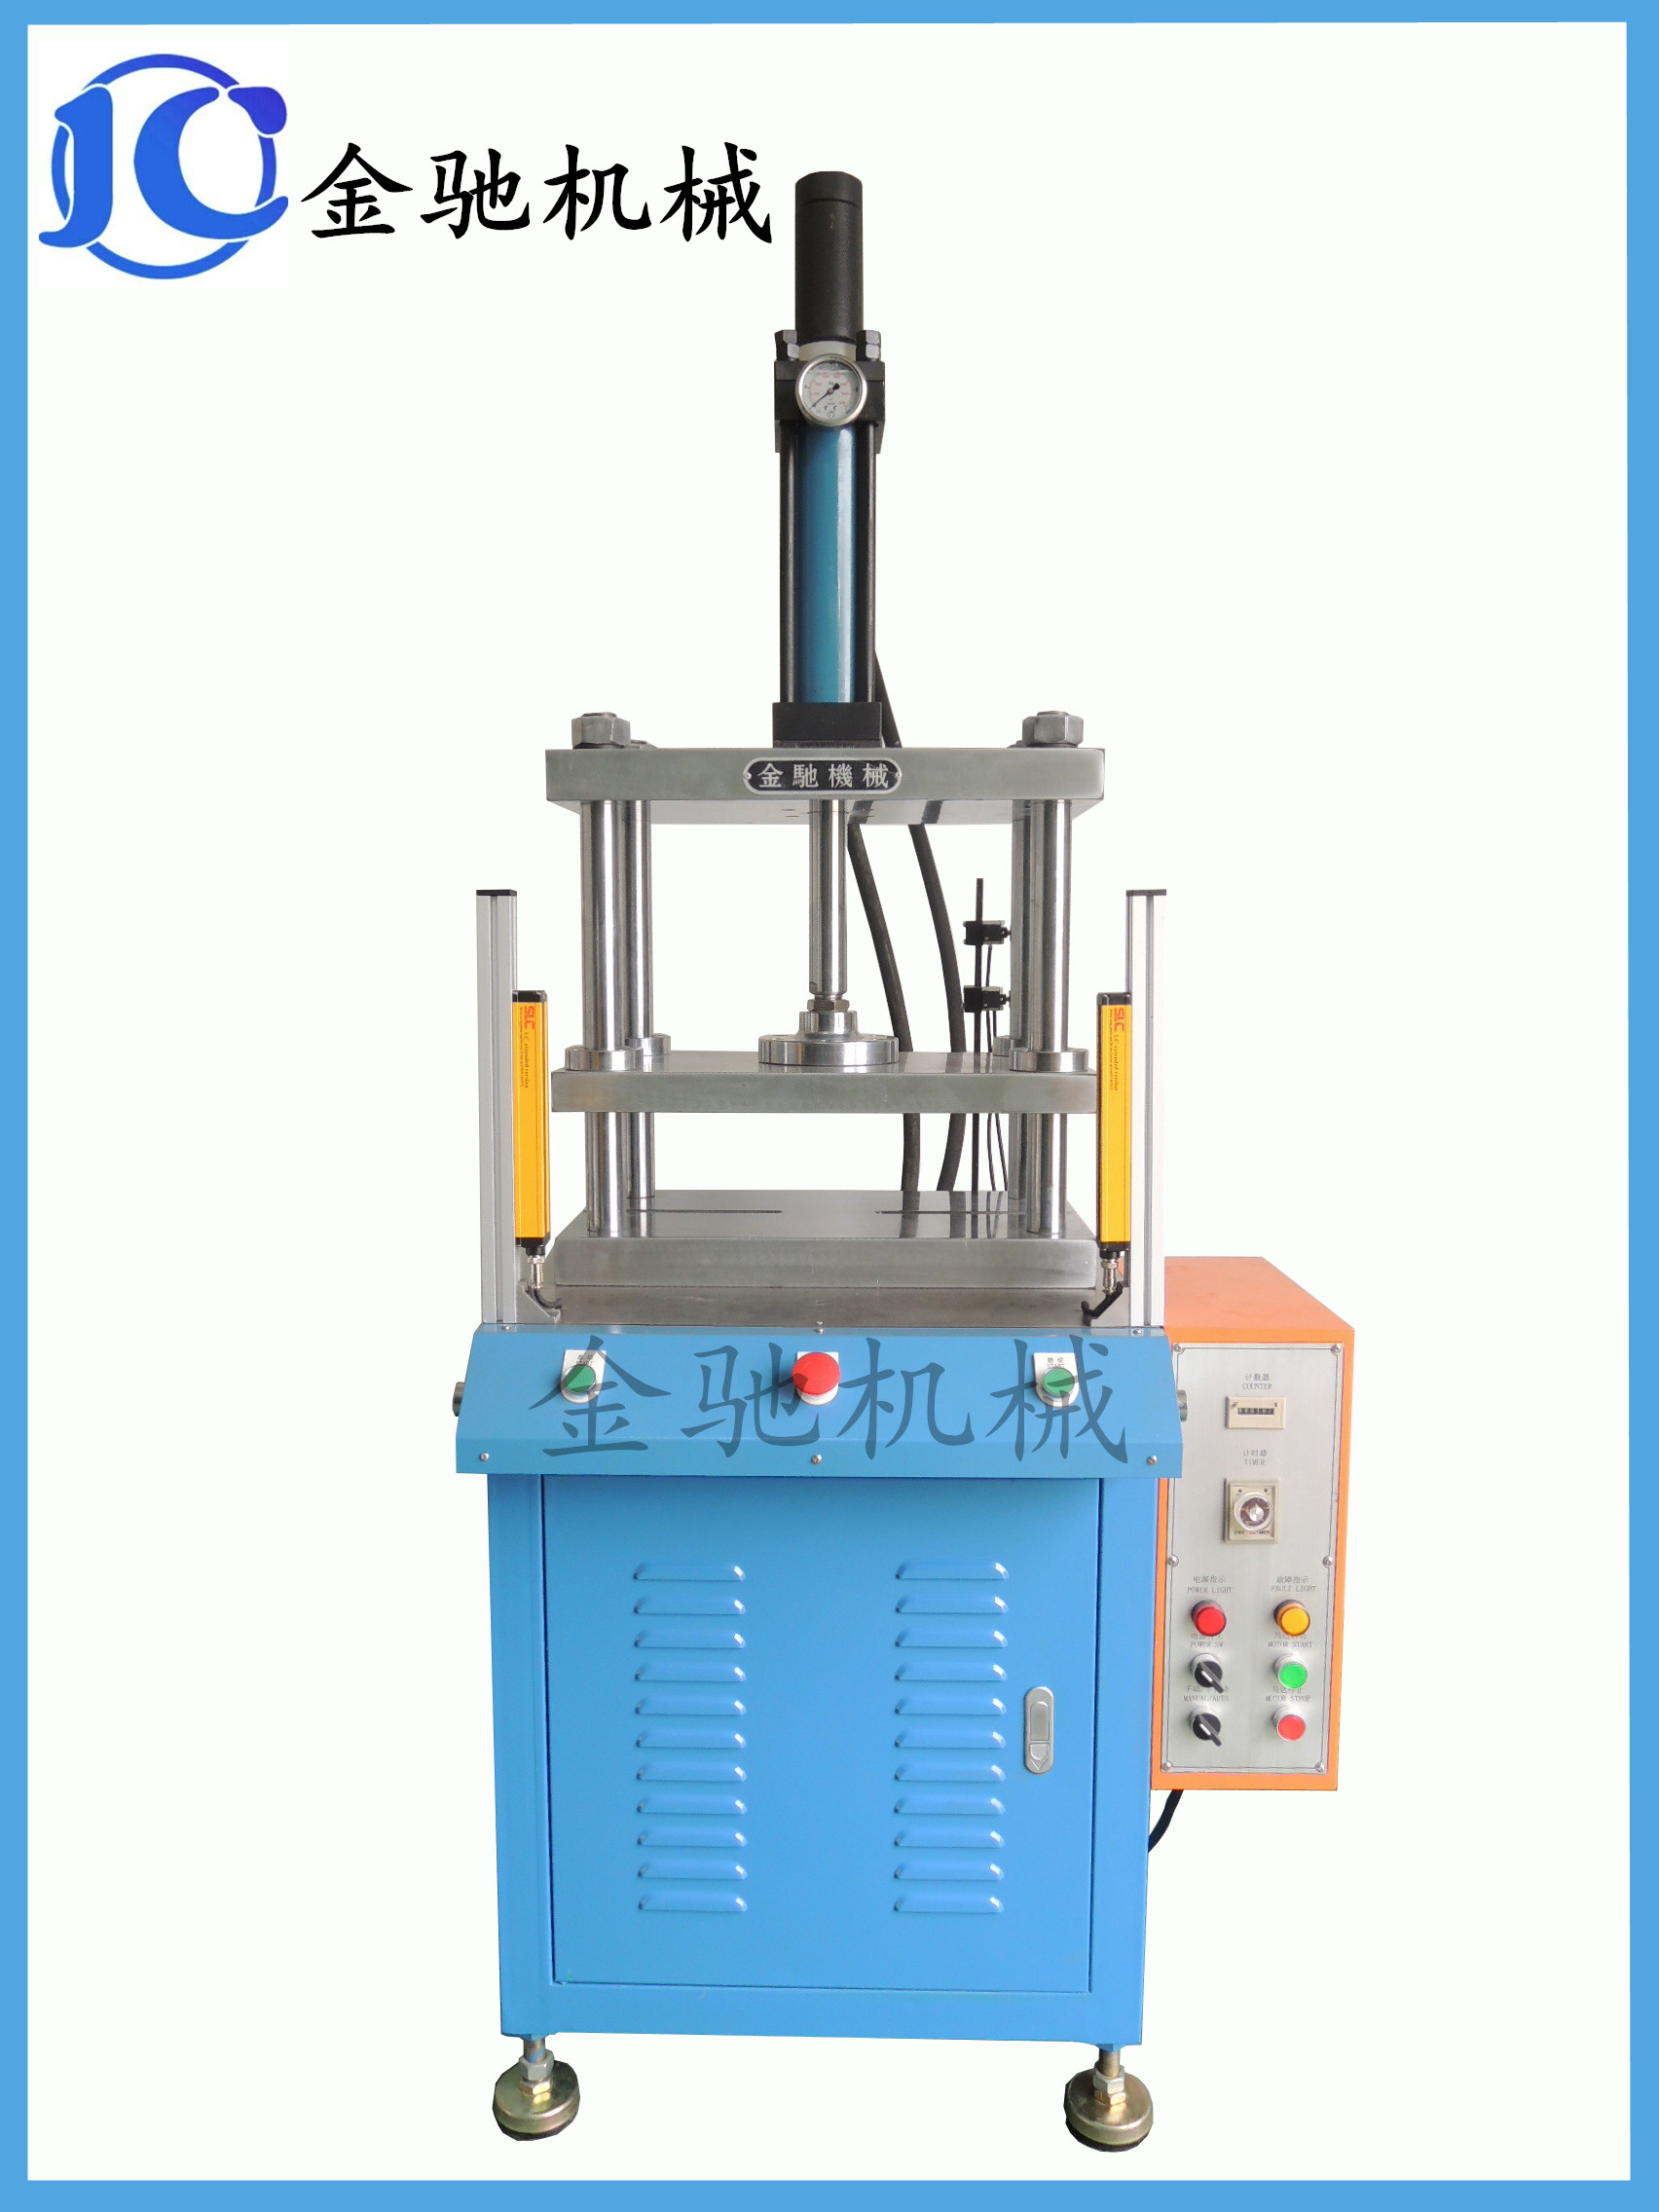 供应四柱液压机,冲压成型机,直销小型油压机,冲压成型油压机,四柱折弯油压机